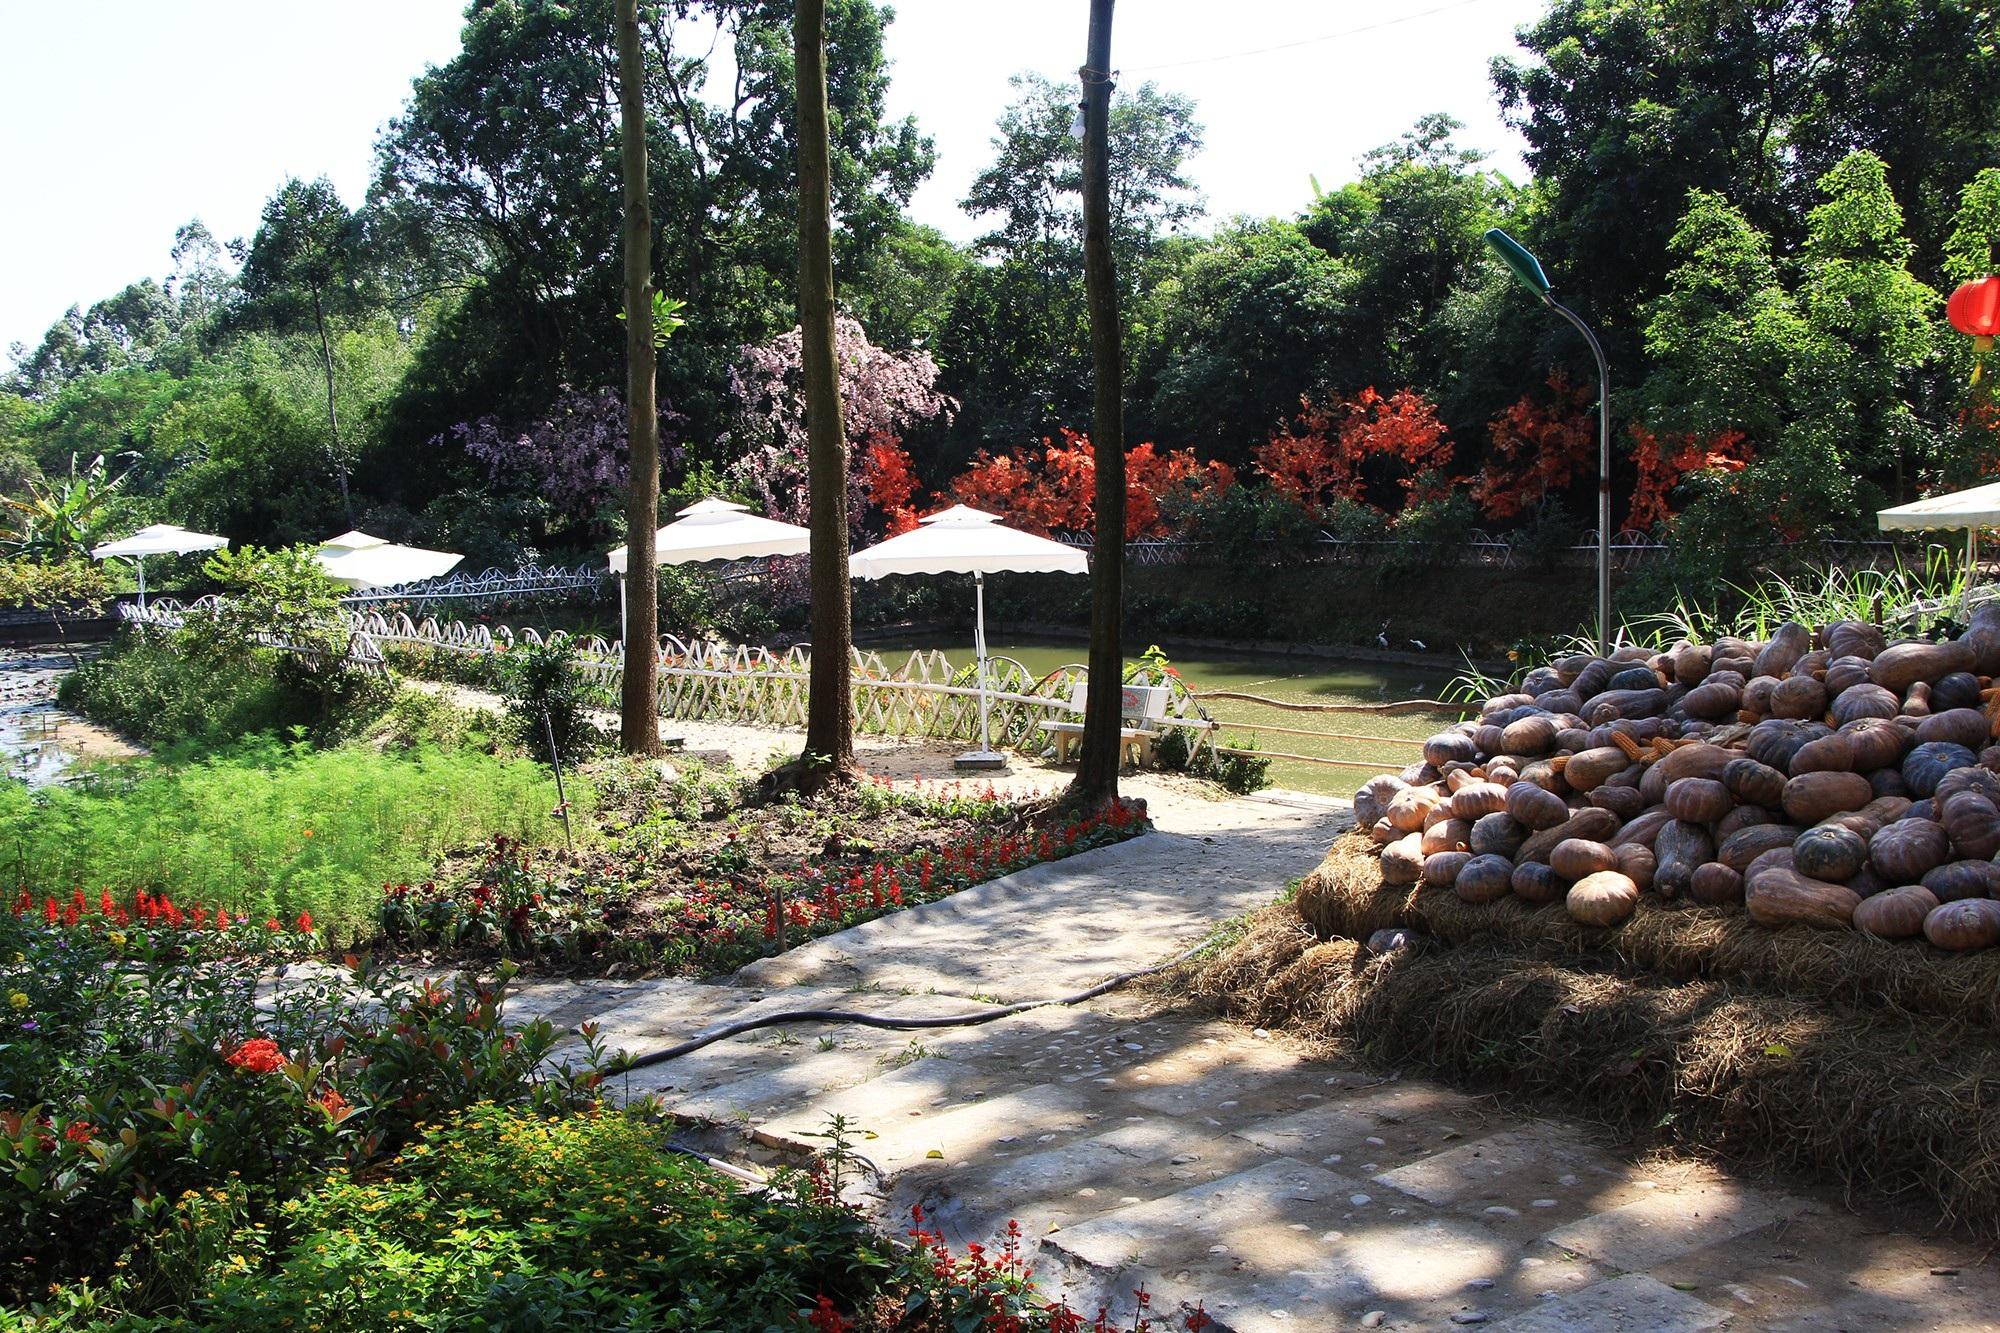 Hình ảnh công trình xây dựng trái phép trong Khu di tích Đền Hùng - Ảnh 21.